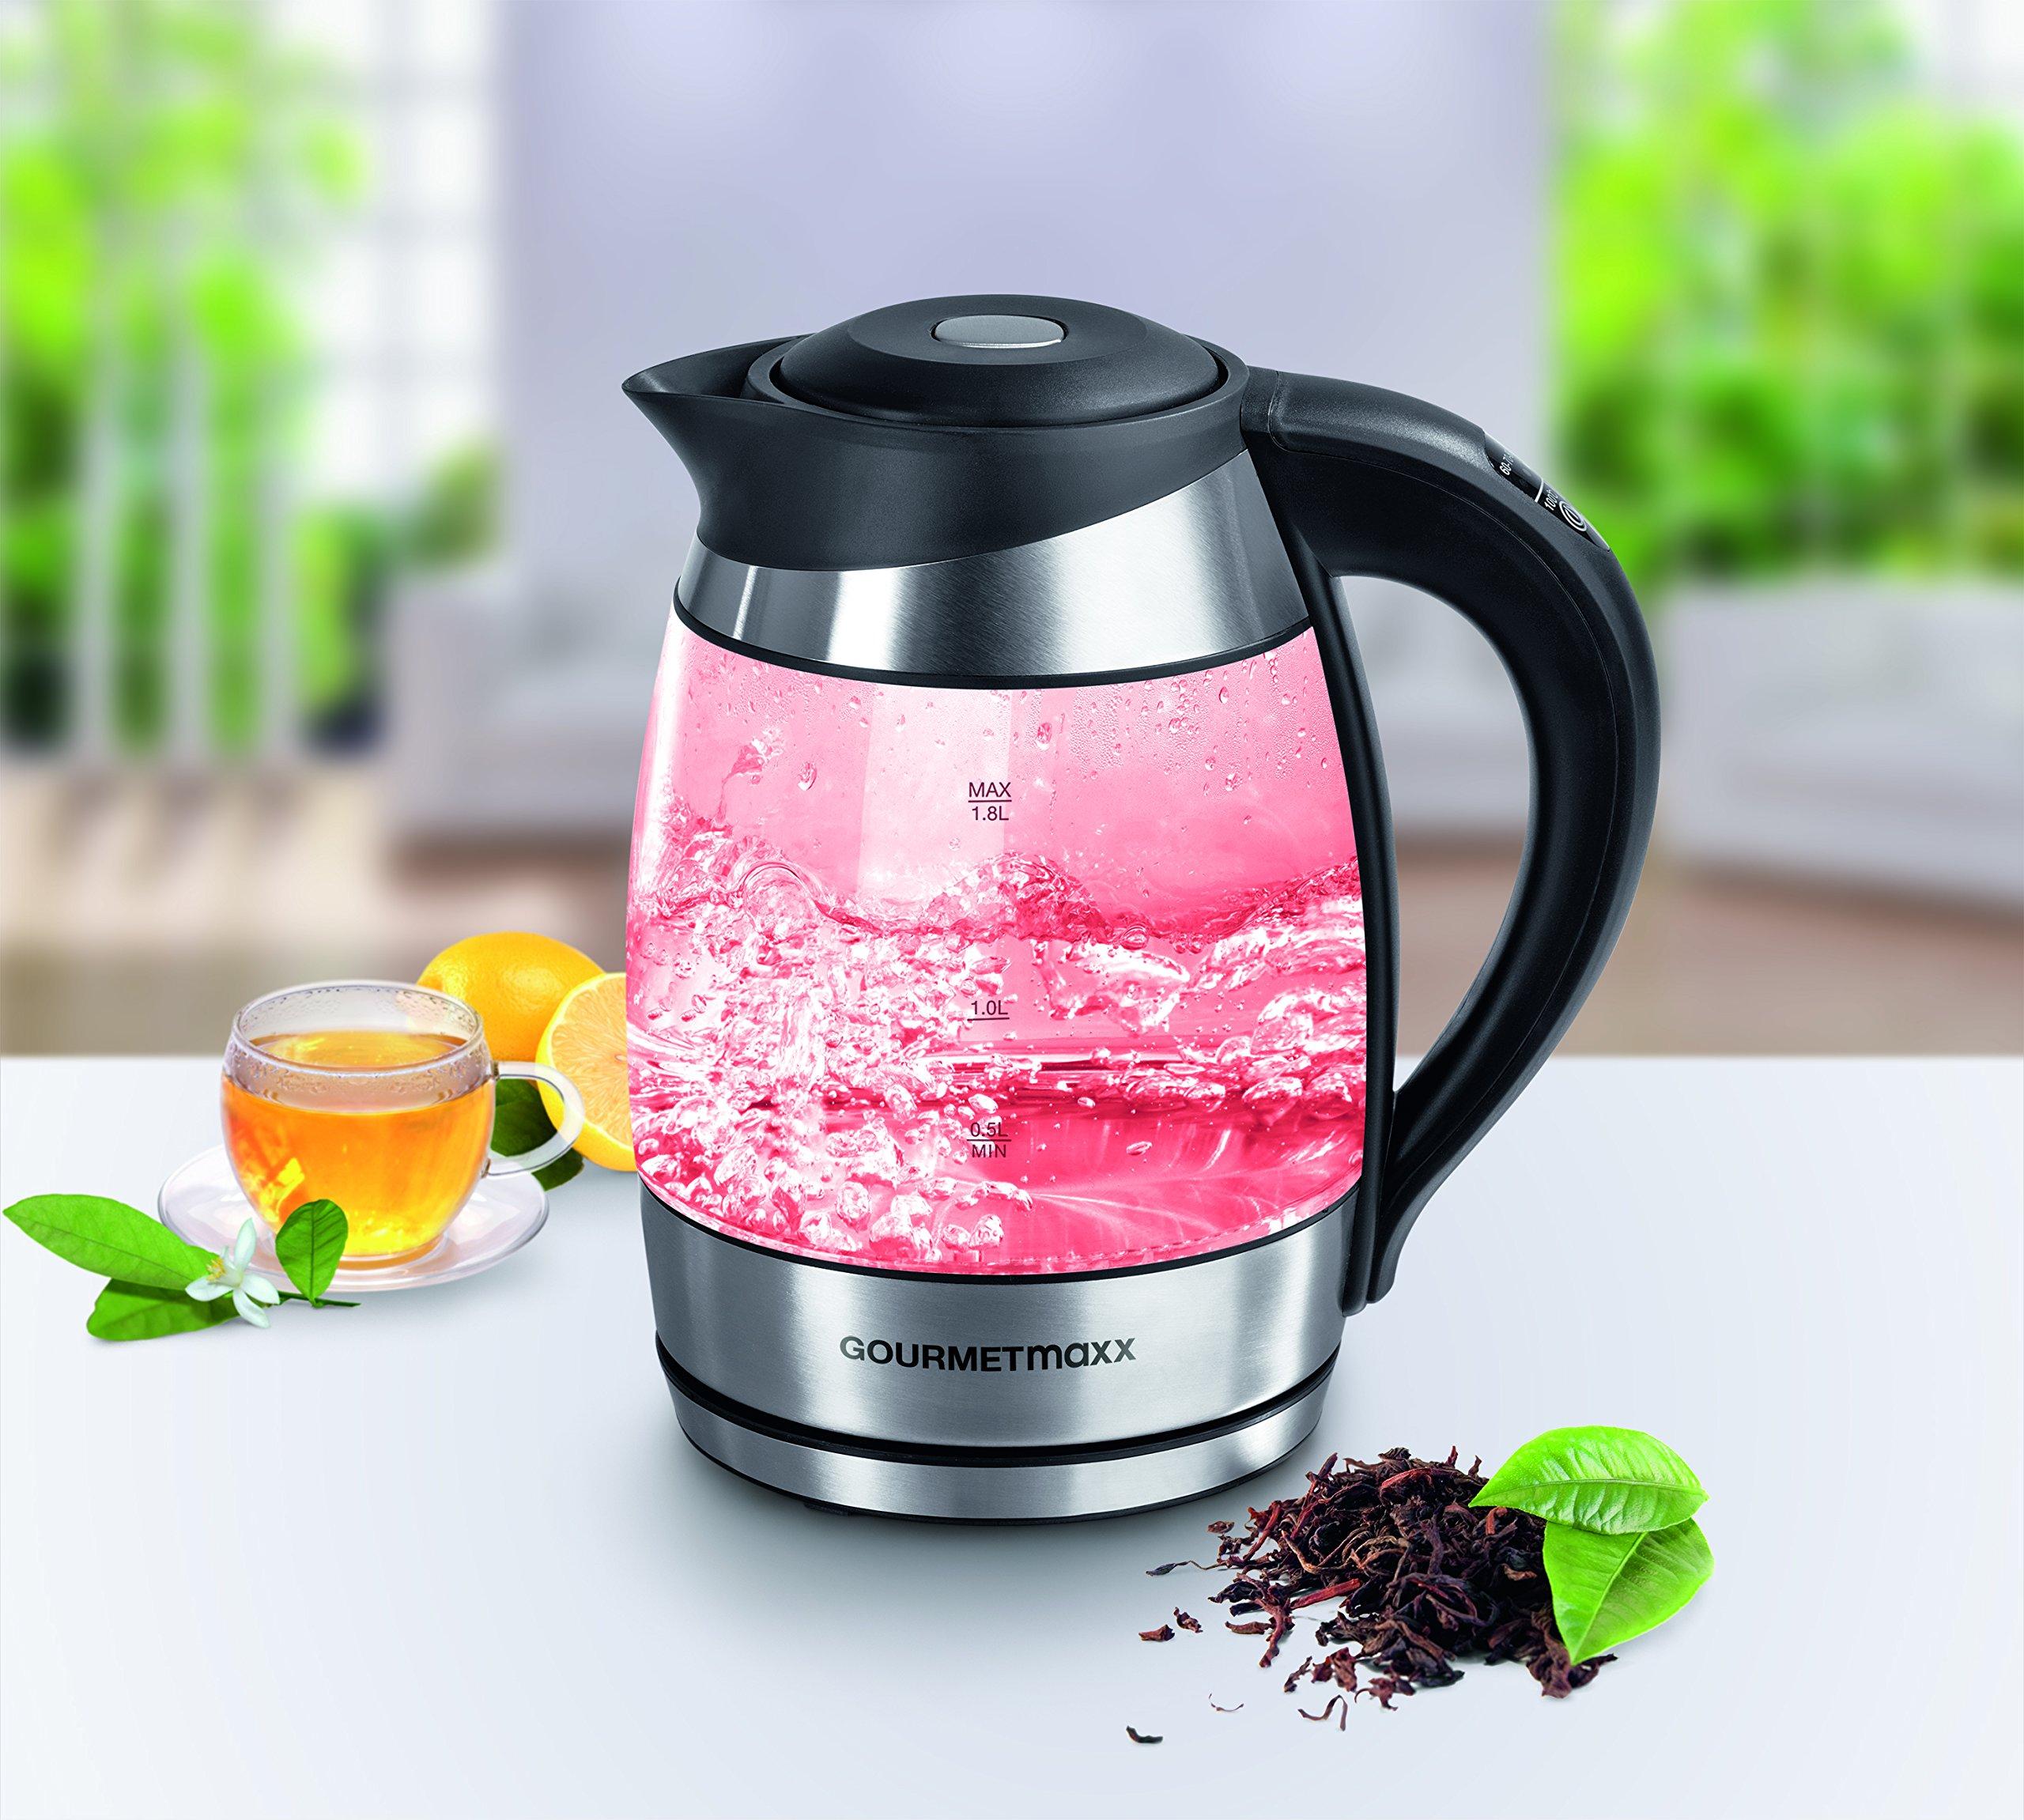 GOURMETmaxx-09861-LED-Glas-Wasserkocher-Mit-Innenbeleuchtung-Temperatureinstellung-BPA-Frei-Flaches-Heizelement-18-Liter-Fassungsvermgen-360-Grad-Edelstahl-Teekocher-Mit-LED-Farbwechsel-Schwarz